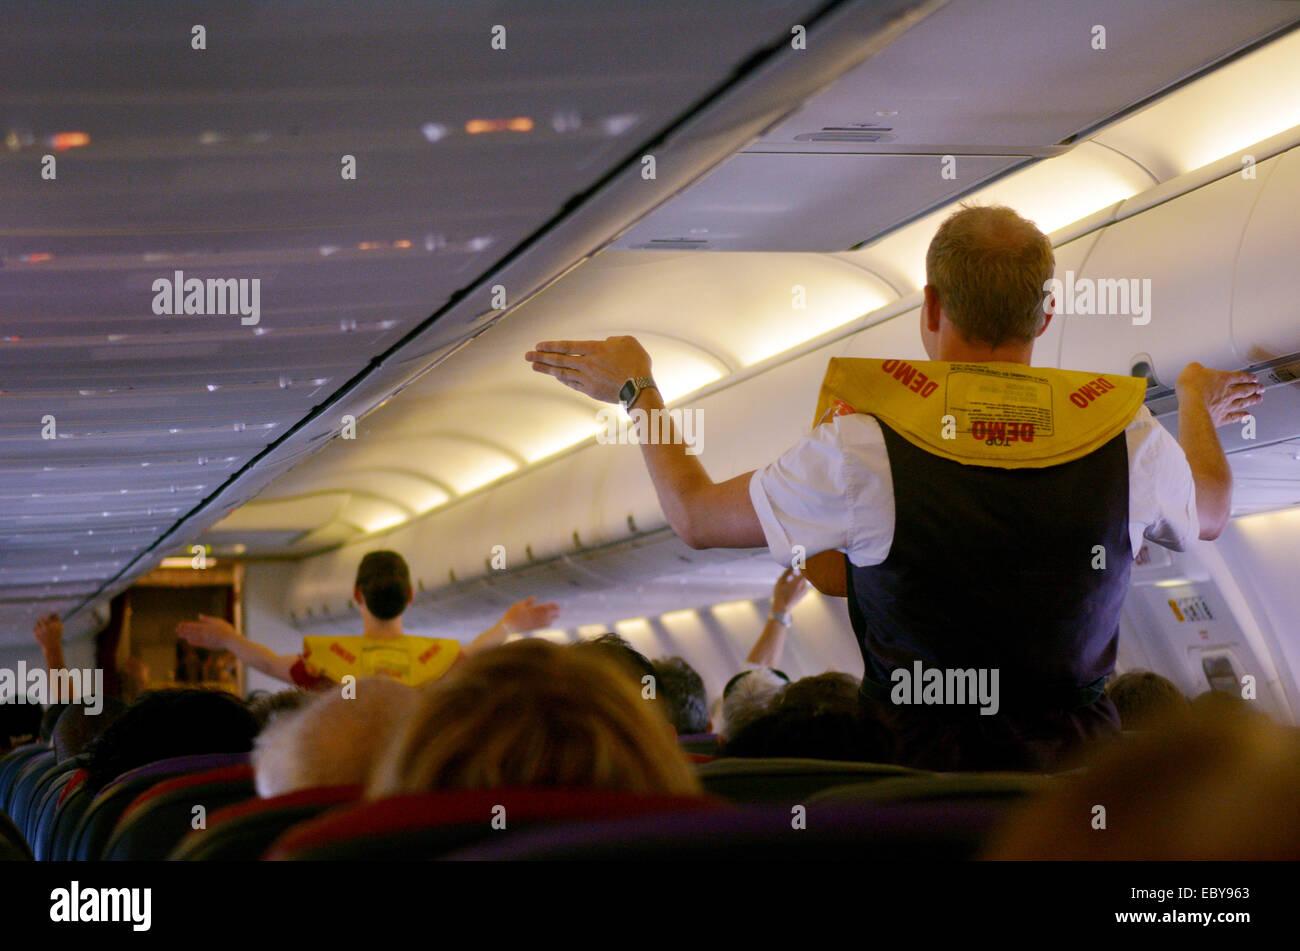 GOLD COAST, AUS - Nov 22 2014:asistentes de vuelo durante la demostración de seguridad pre-vuelo. Si sucede Imagen De Stock